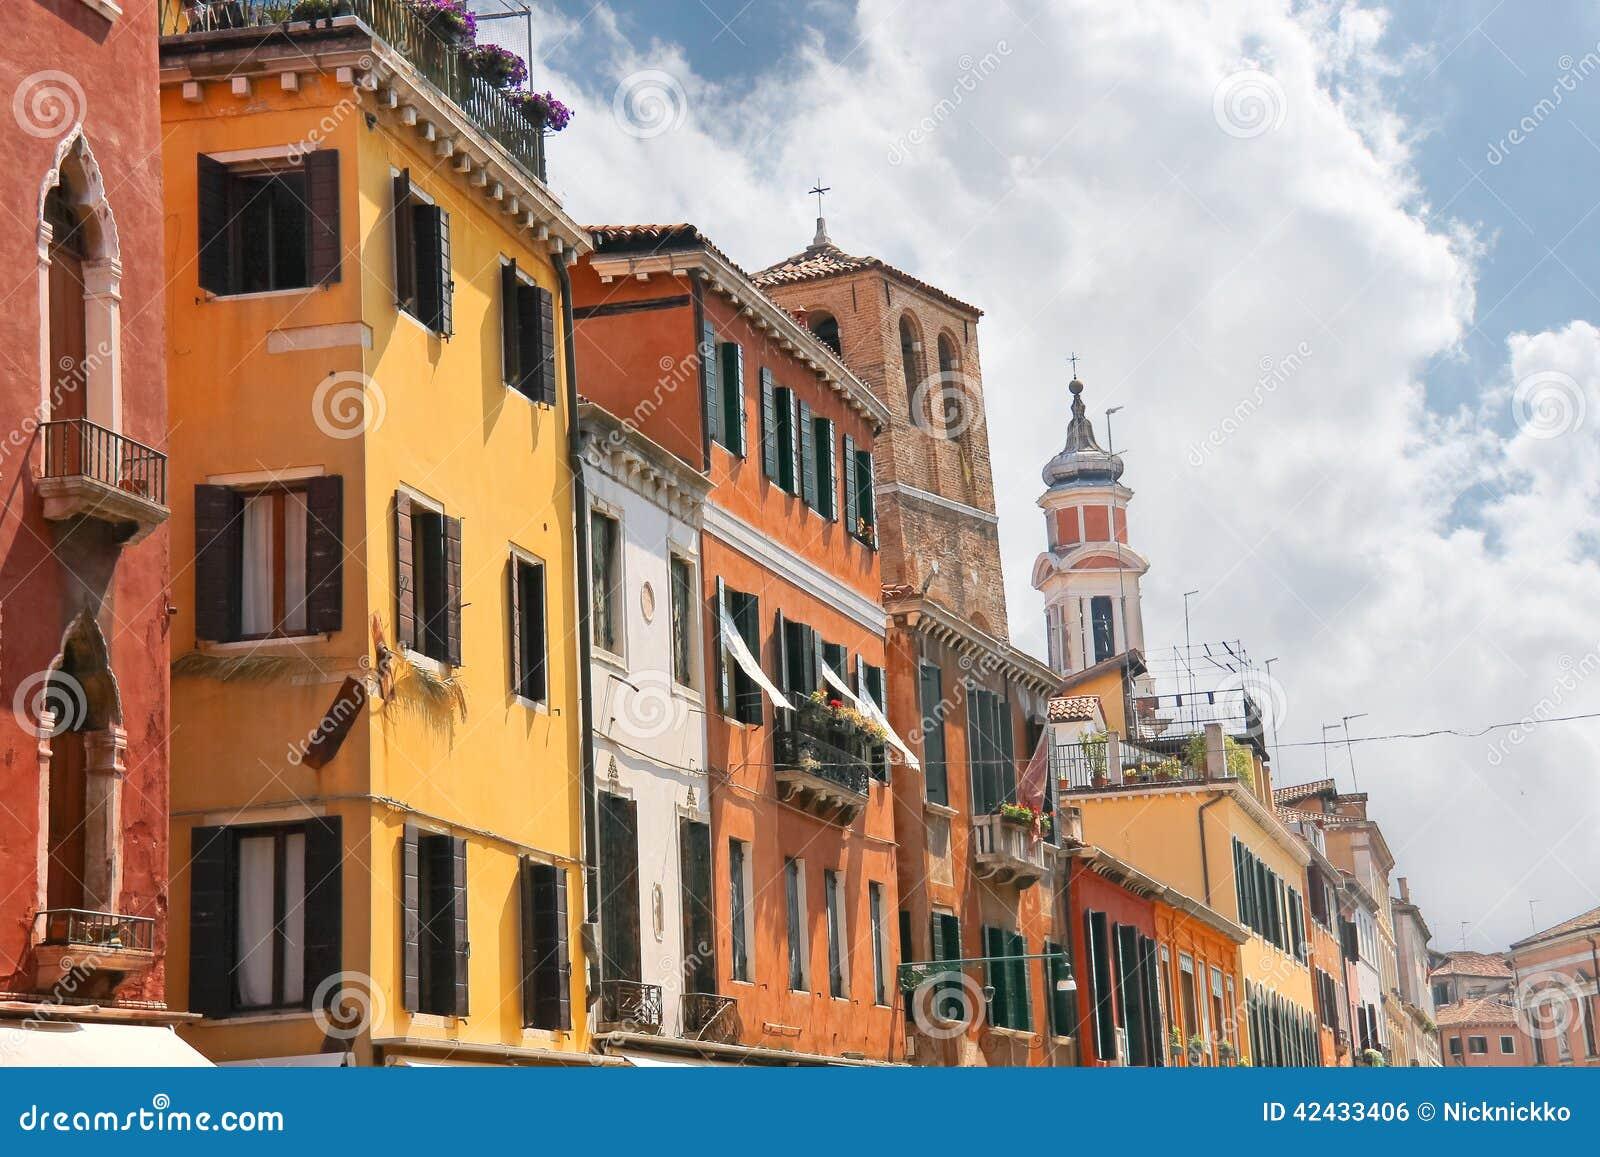 Fachadas de las casas en la calle en Venecia